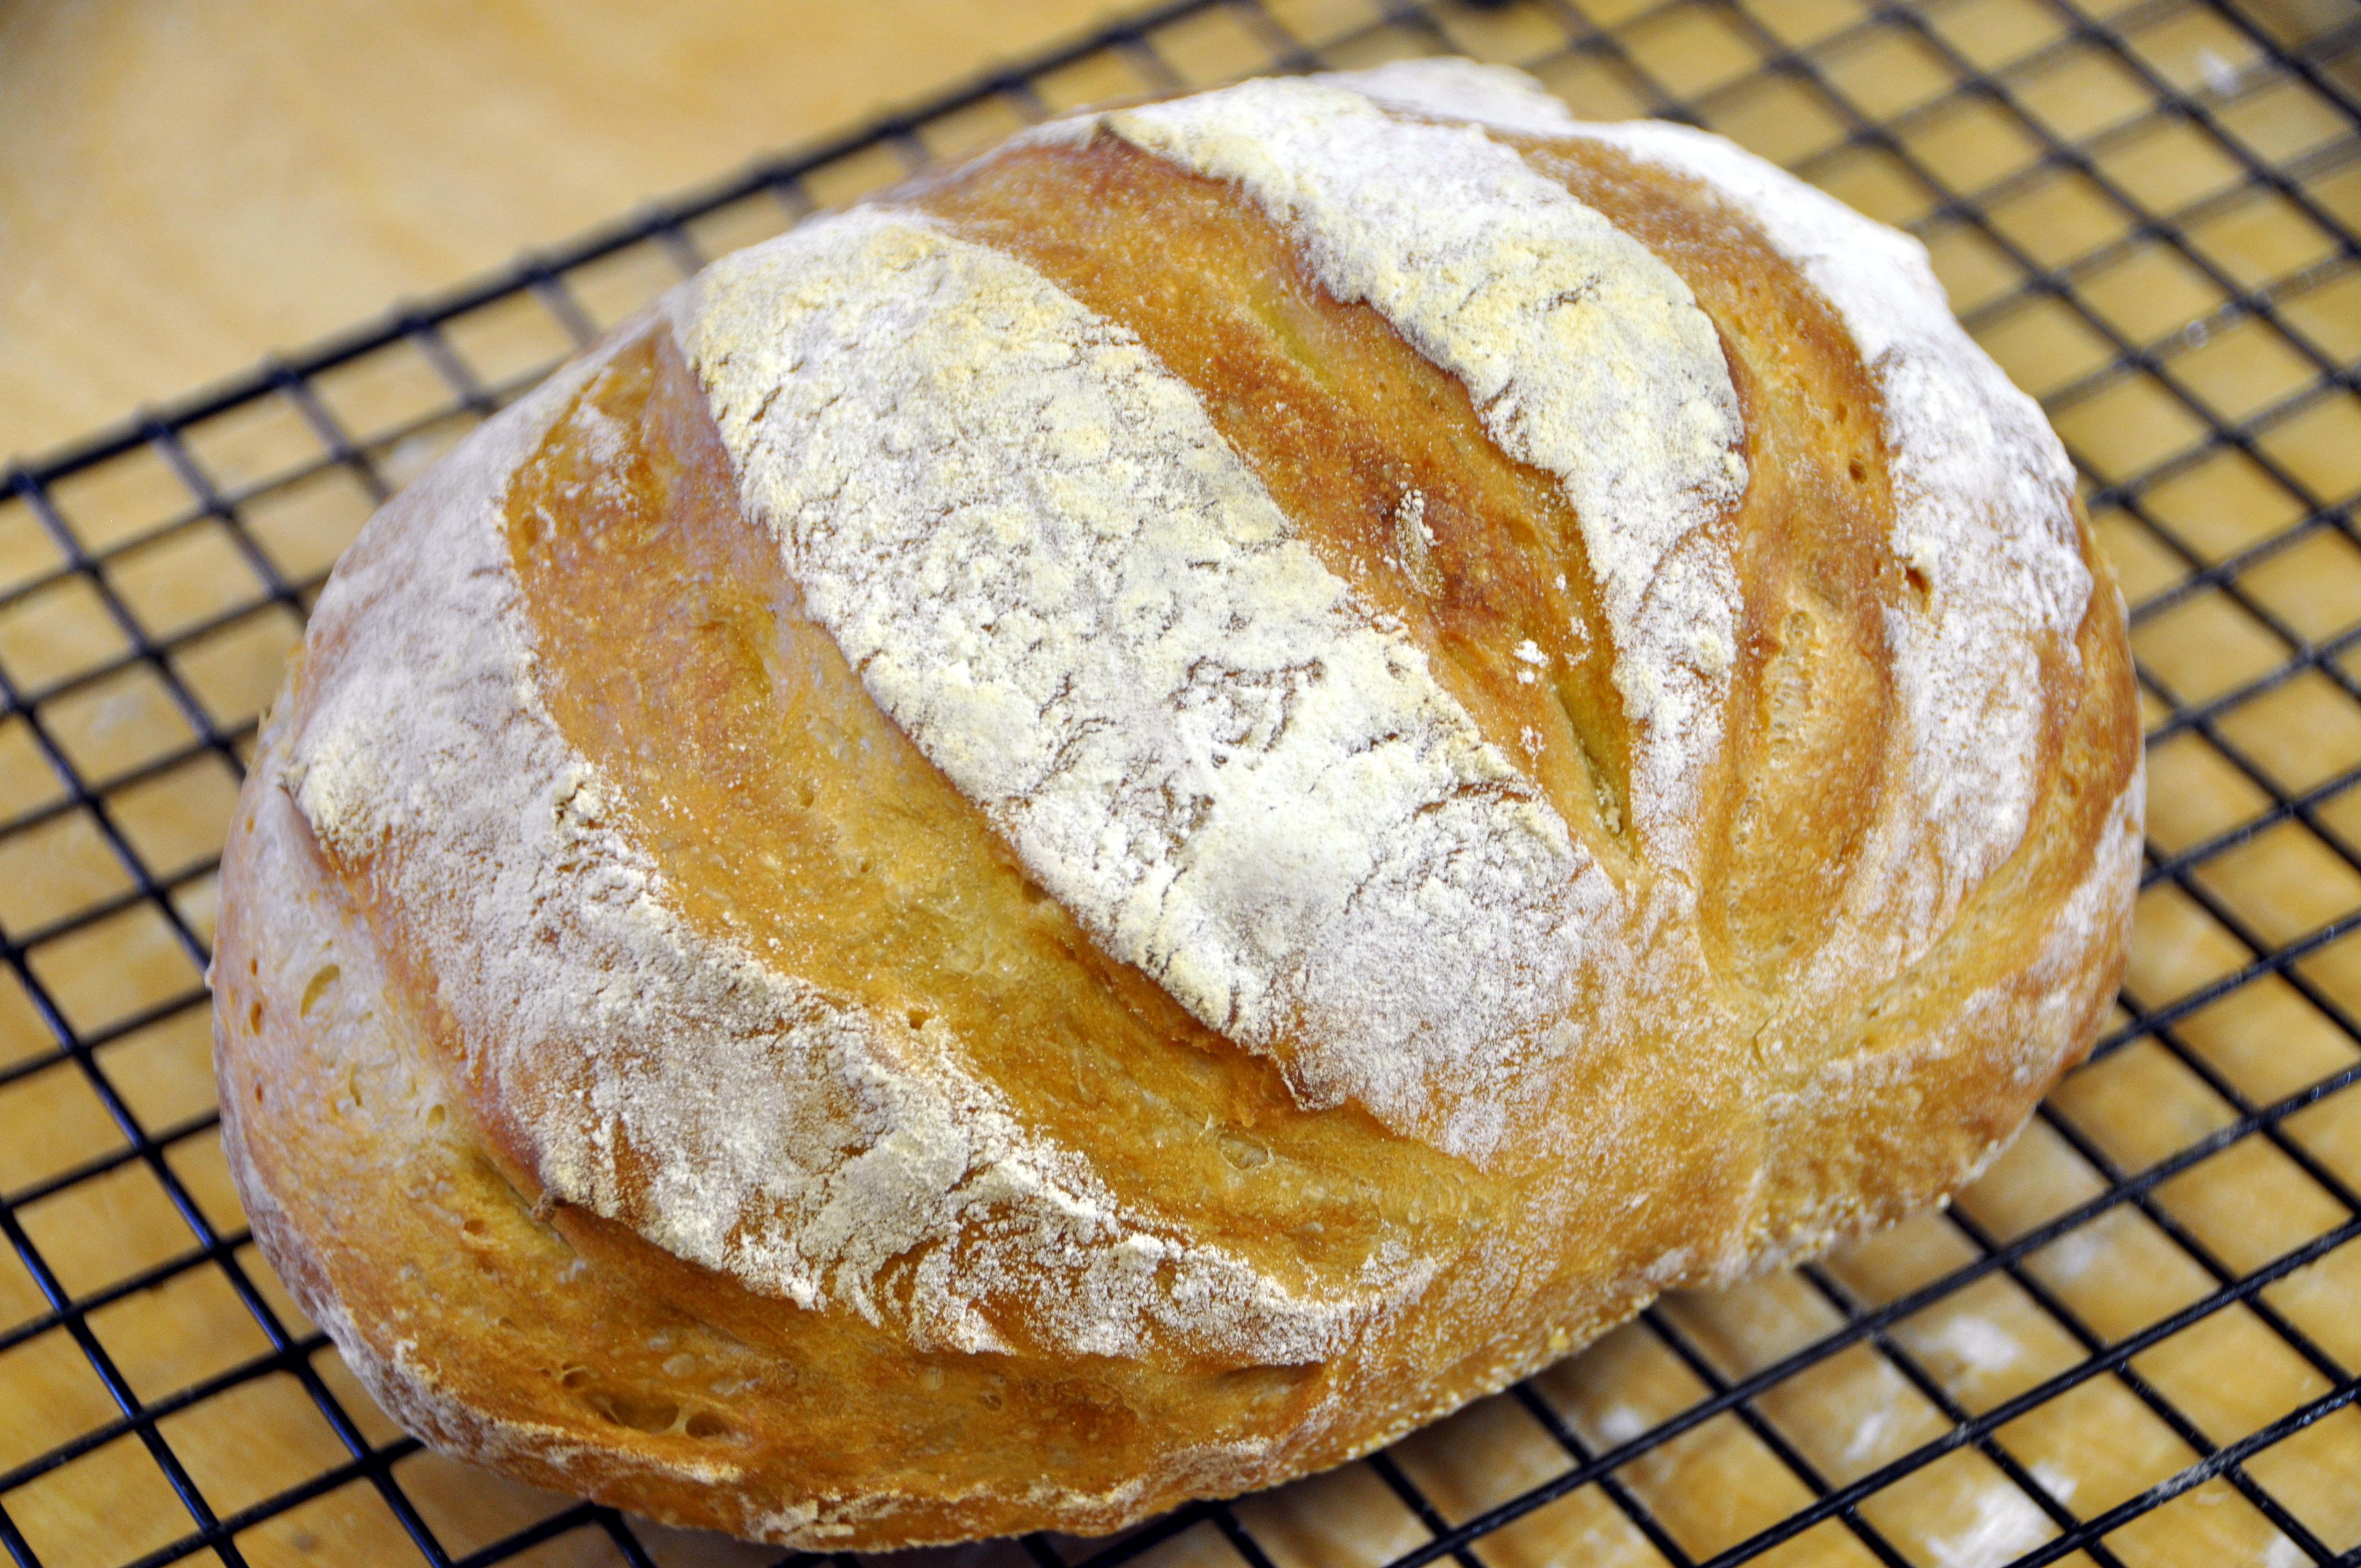 Pane artigianale fatto in casa in 5 minuti vivalafocaccia - Casa umida come risolvere ...